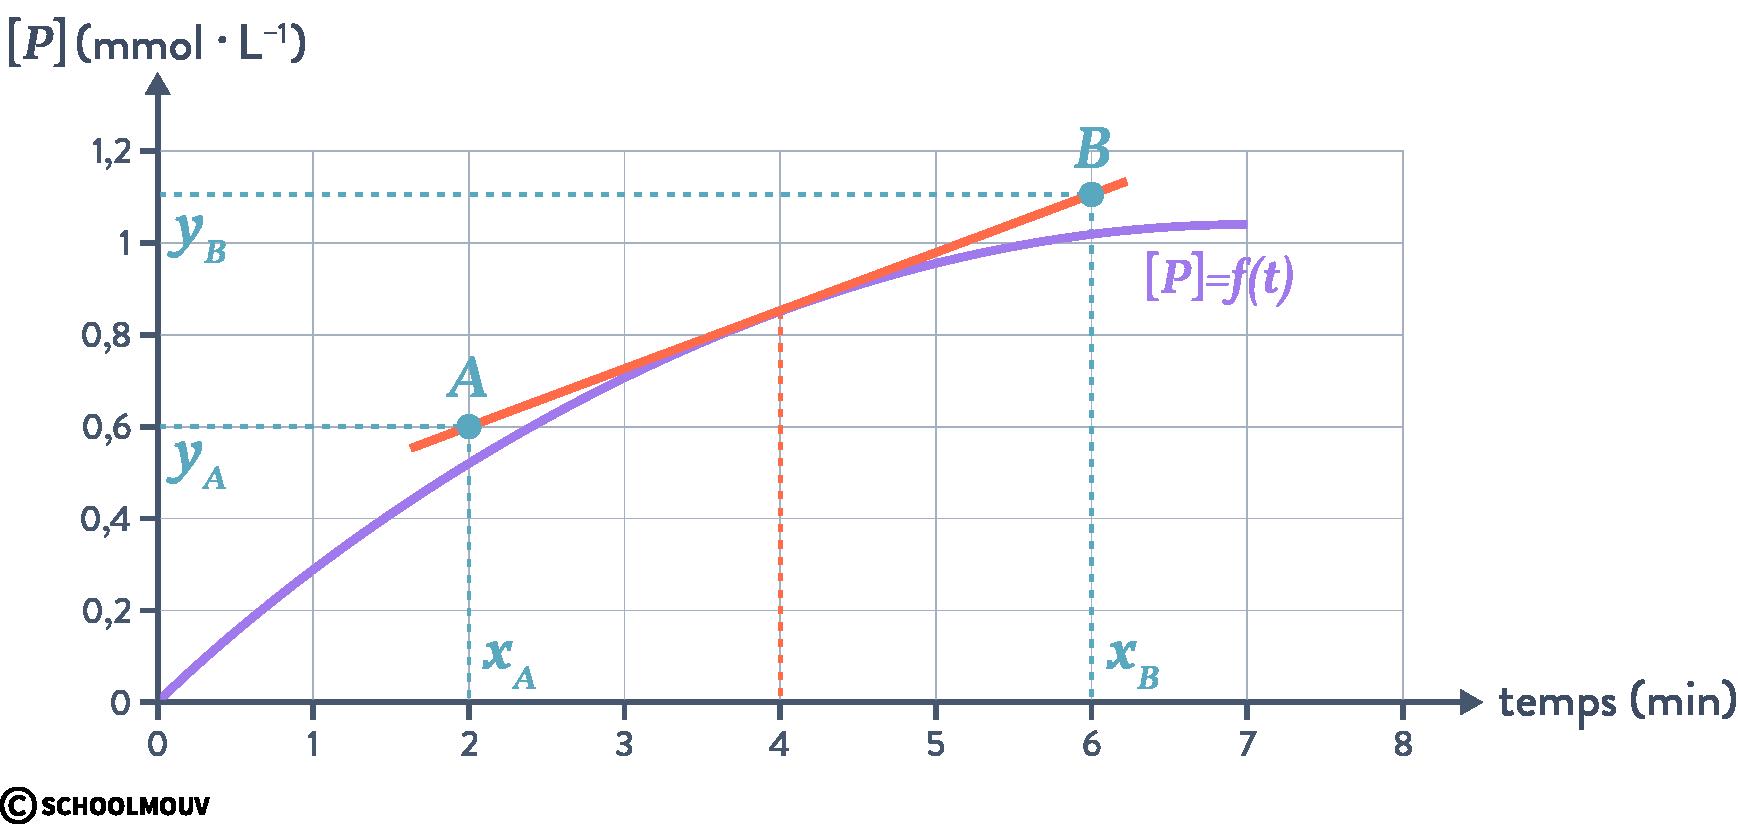 physique chimie terminale suivi temporel d'une réaction chimique macroscopique courbe